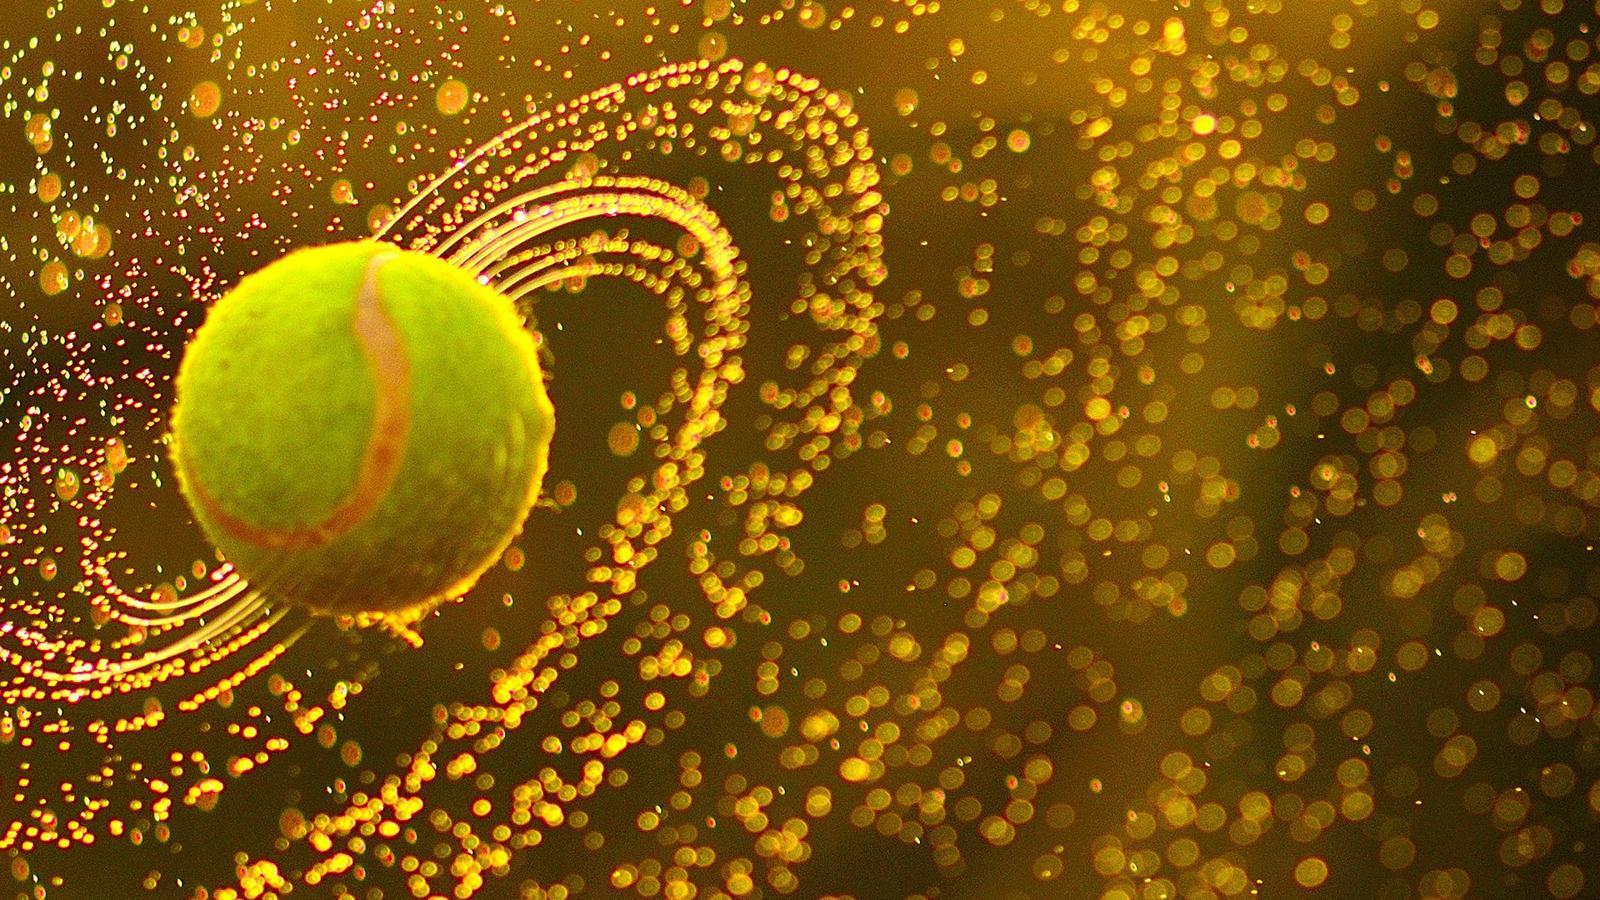 Ball 3D Champion 2013 Hd Desktop Wallpaper Football MRSPORT 1600x900